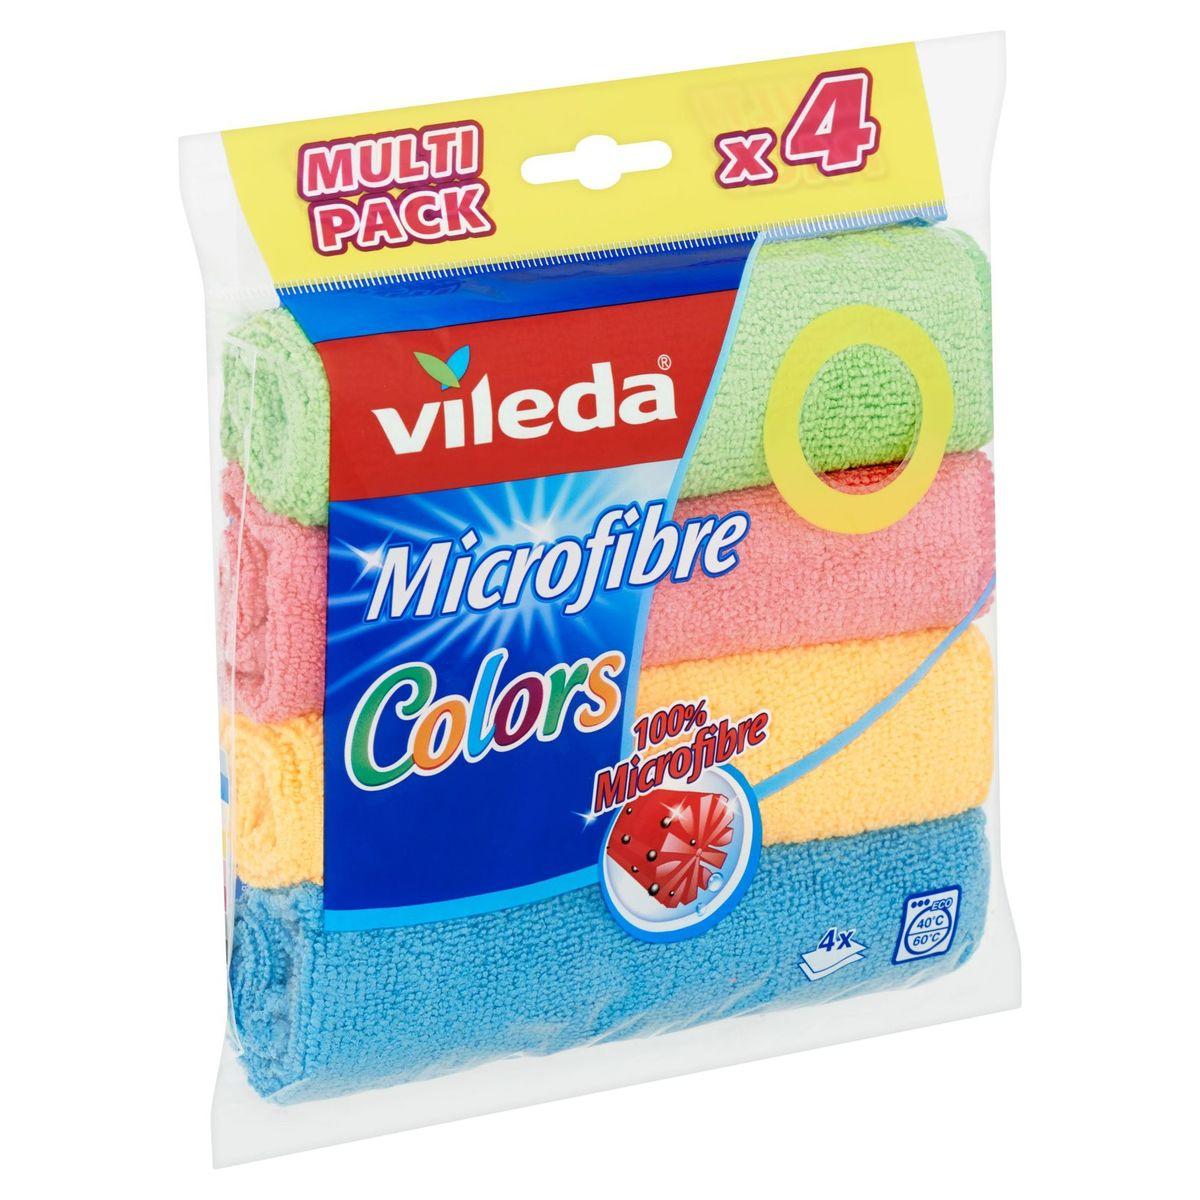 Vileda Microfibre Colors Multi Pack 4 Stuks